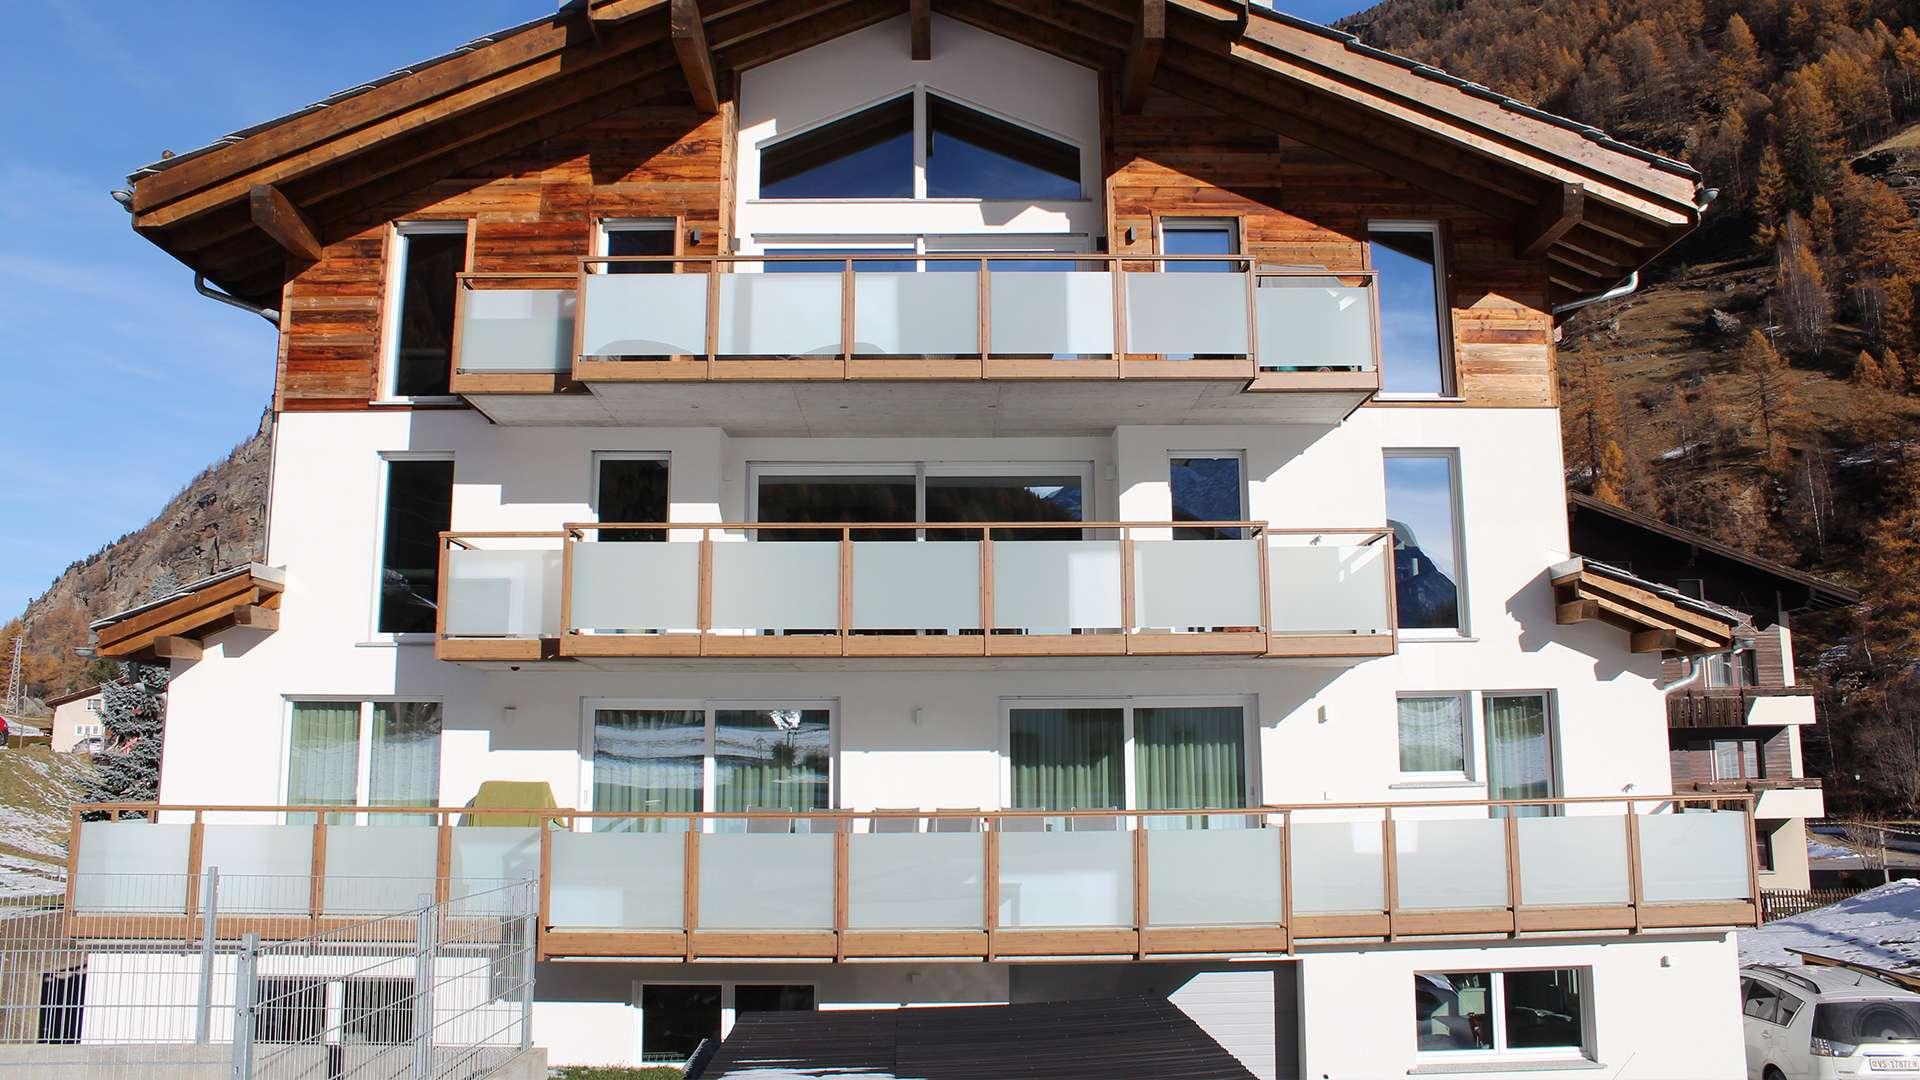 mehrere Balkone mit Alu-Geländer und Glas an einem Haus